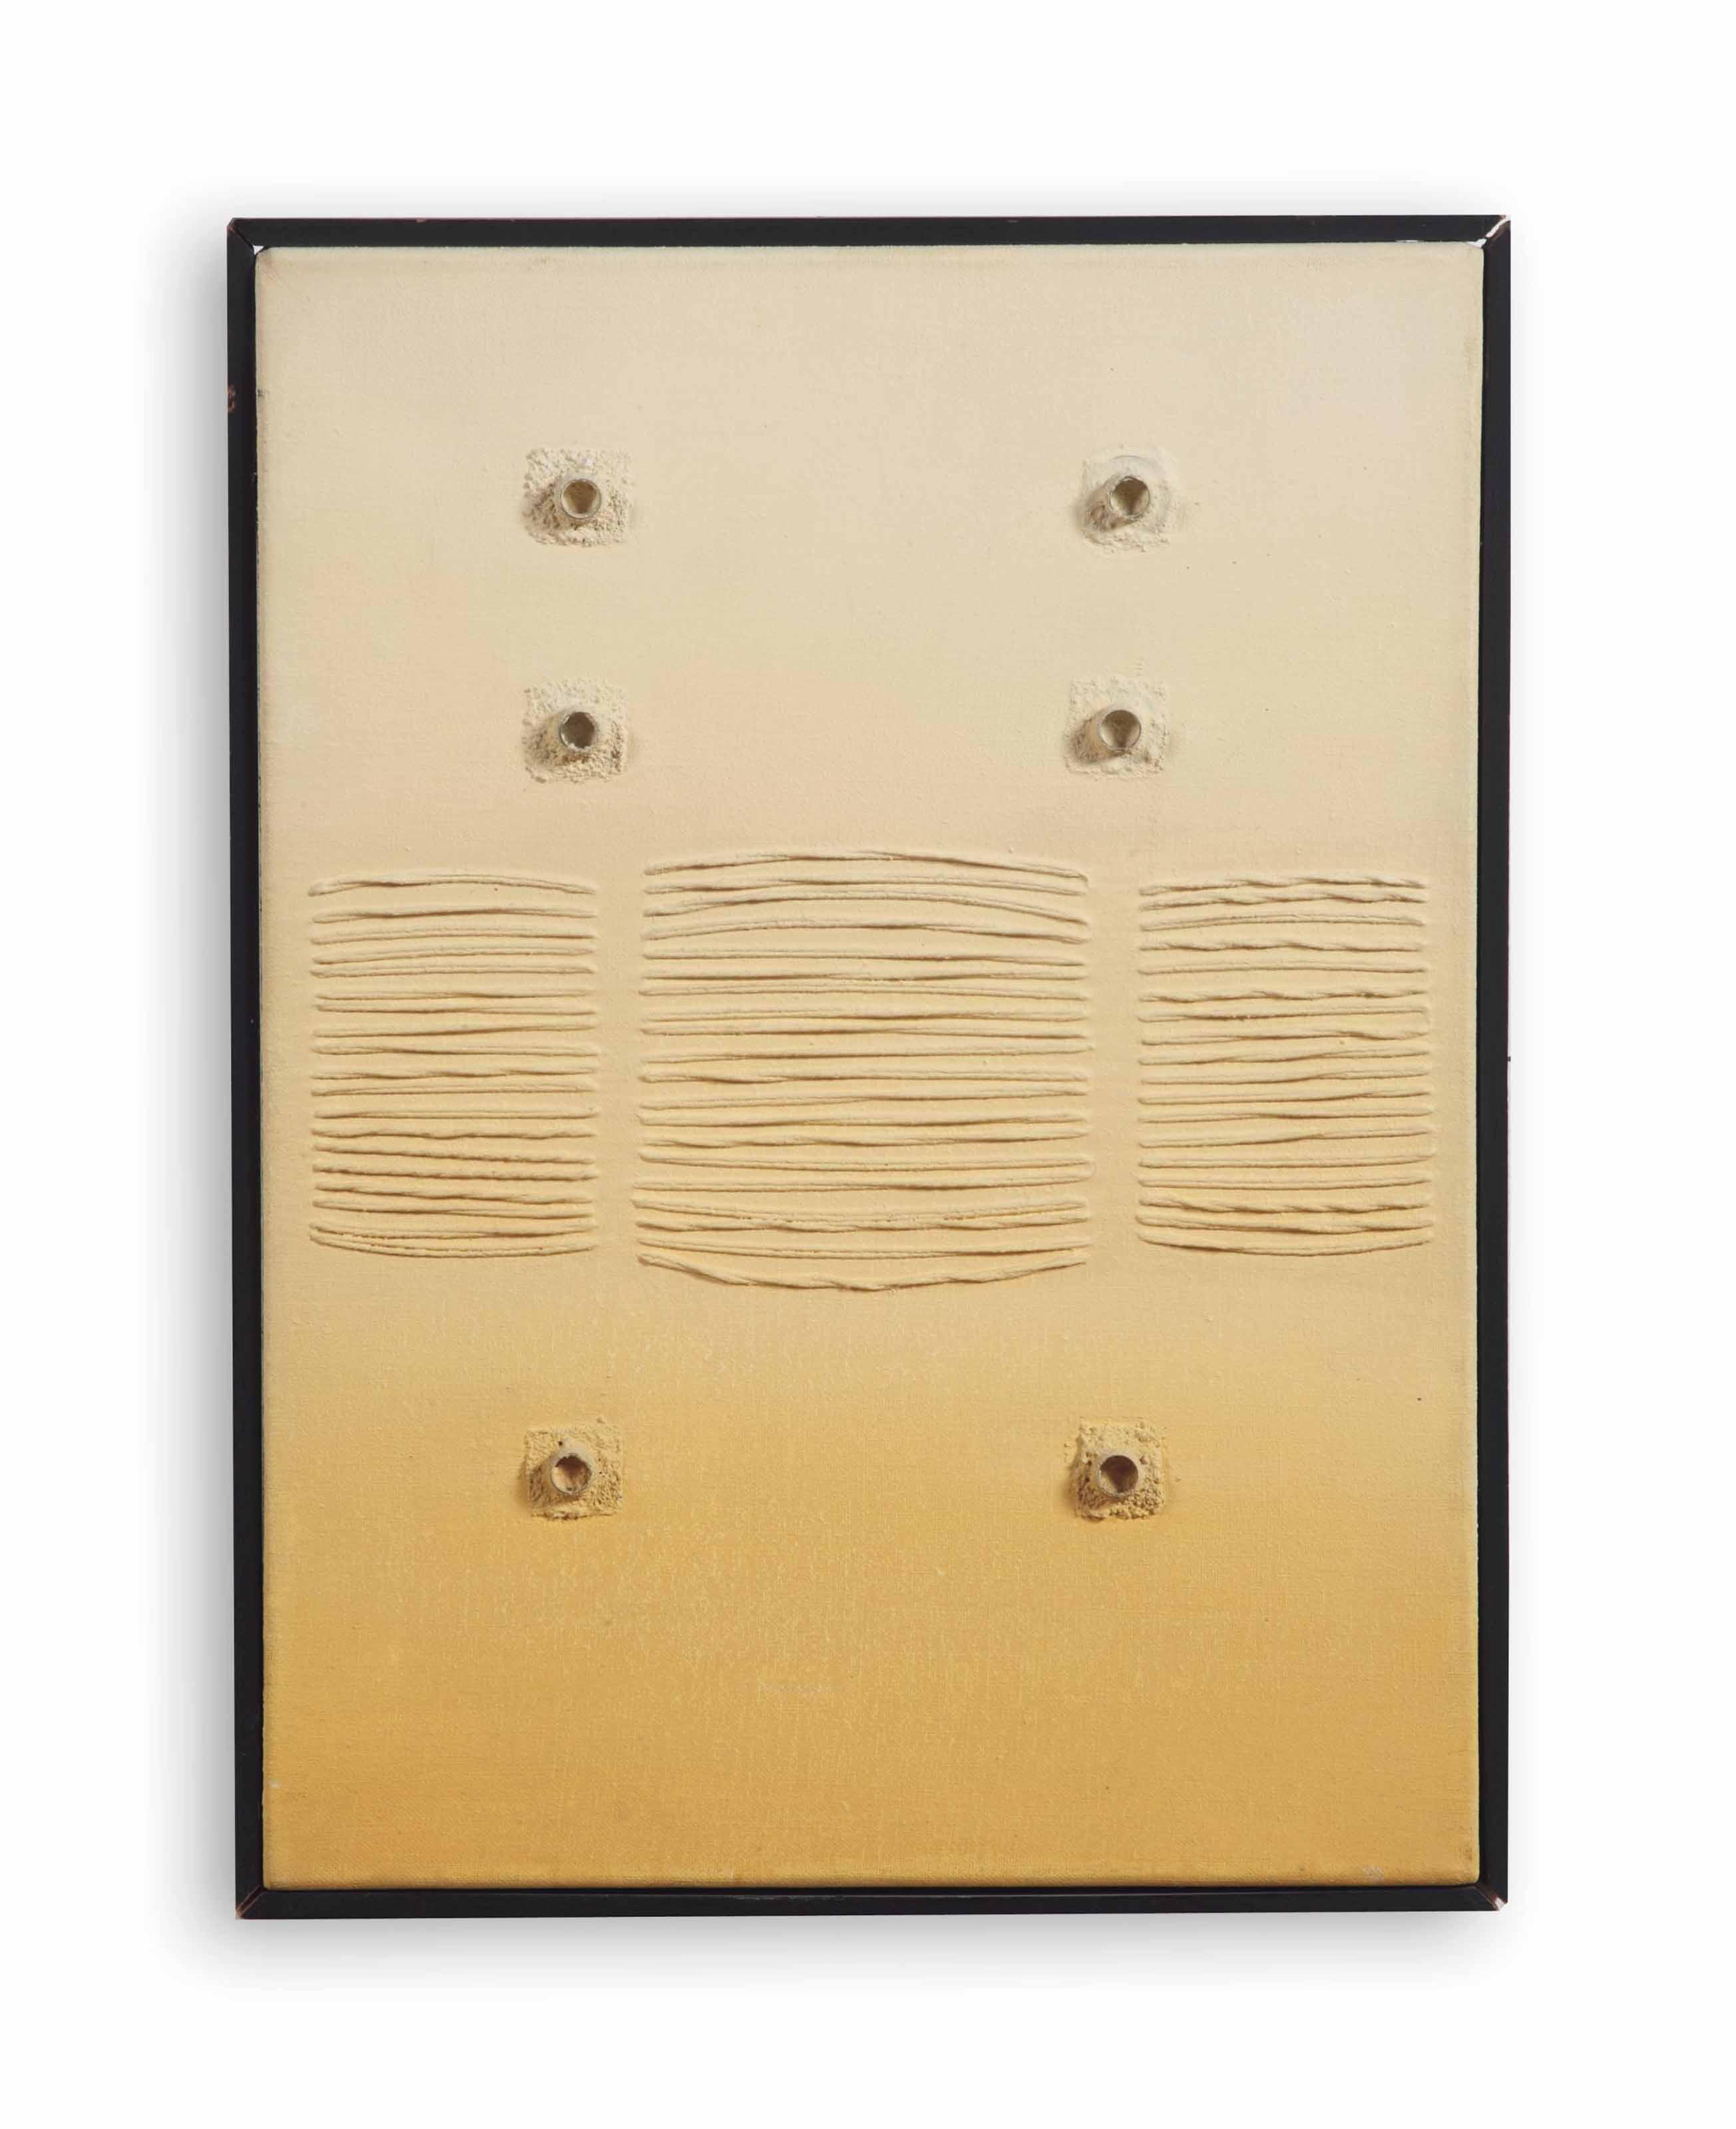 Walter Leblanc (1932-1986) | Twisted strings | Paintings